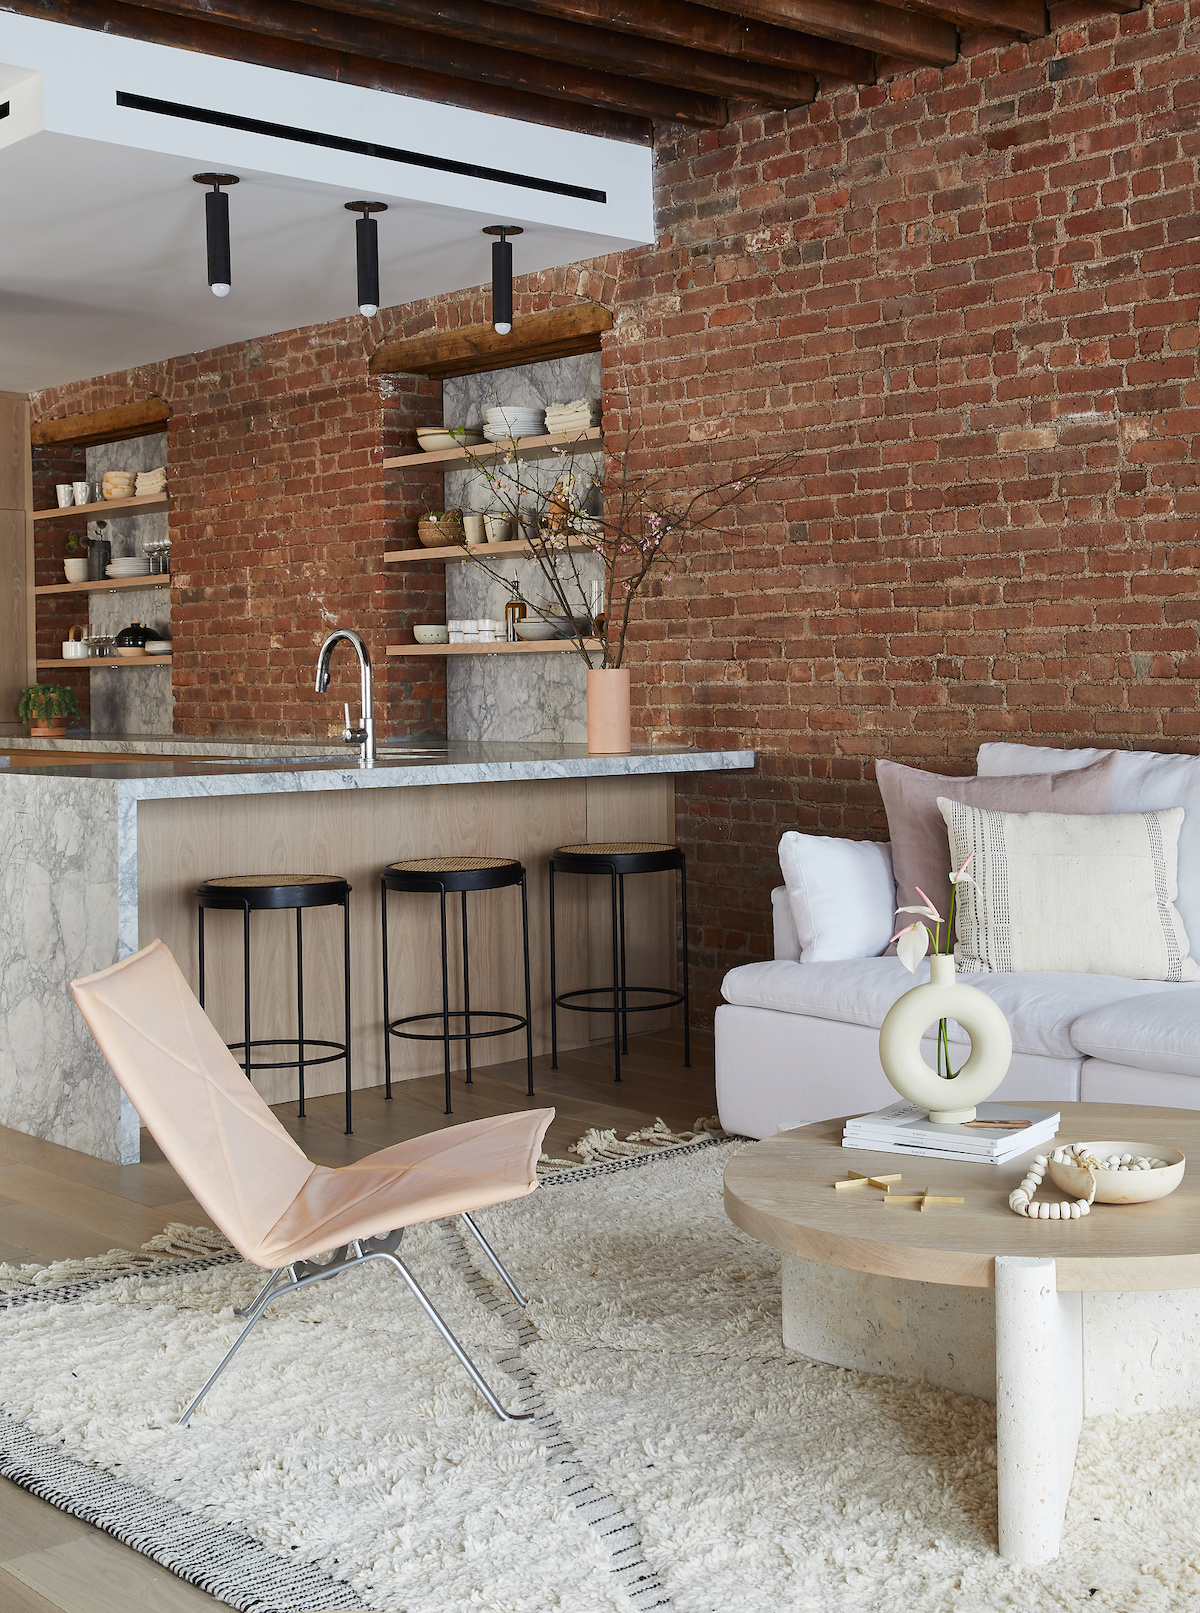 salon cuisine ouverte tendance mur brique plan de travail marbre blanc poutres bois blog déco